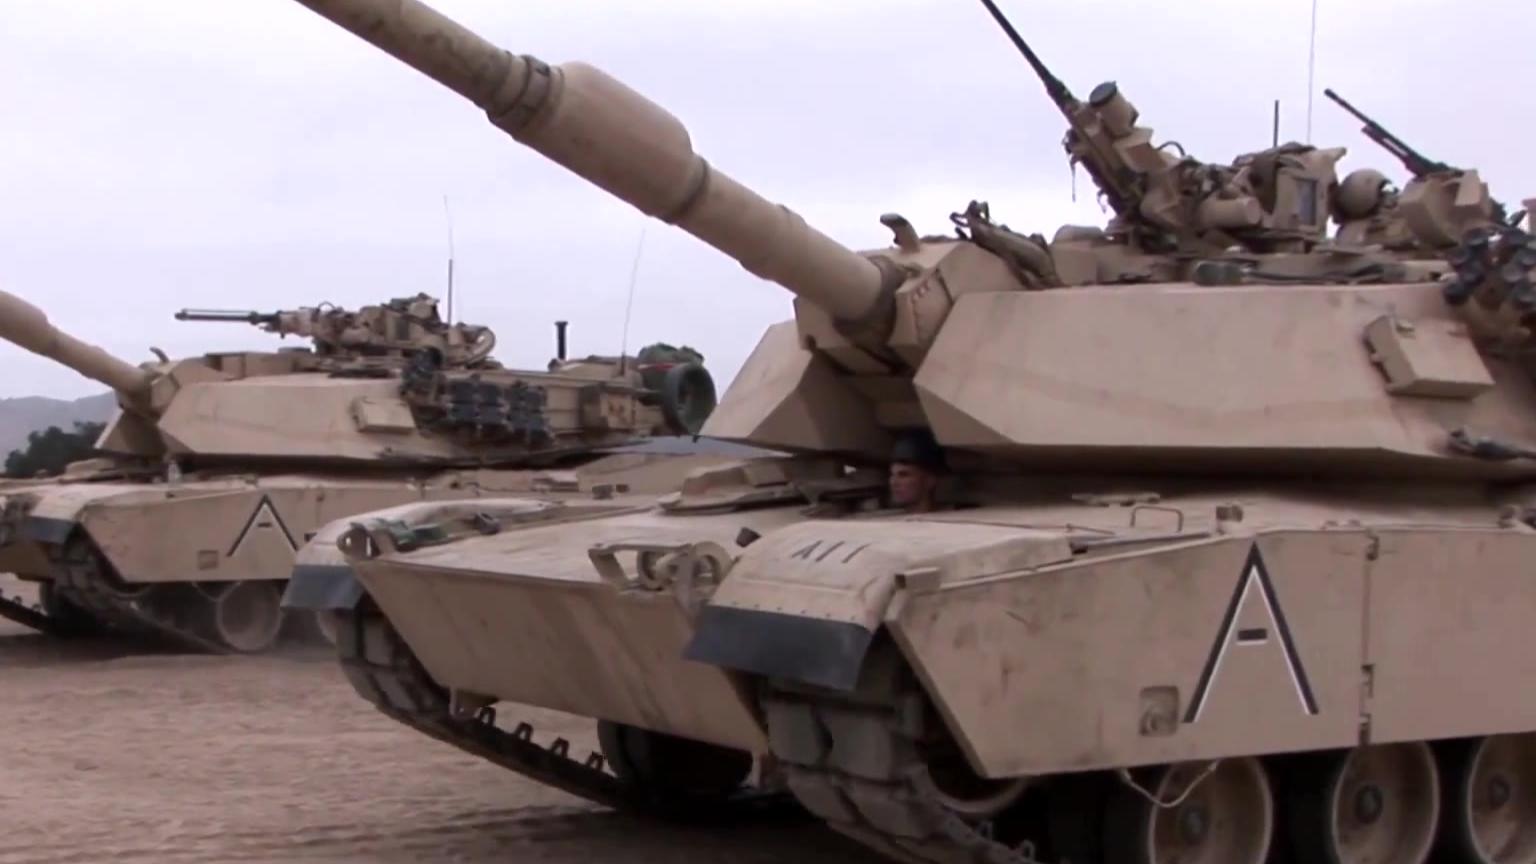 加拿大步兵近距离观察美国海军陆战队主战坦克M1A1